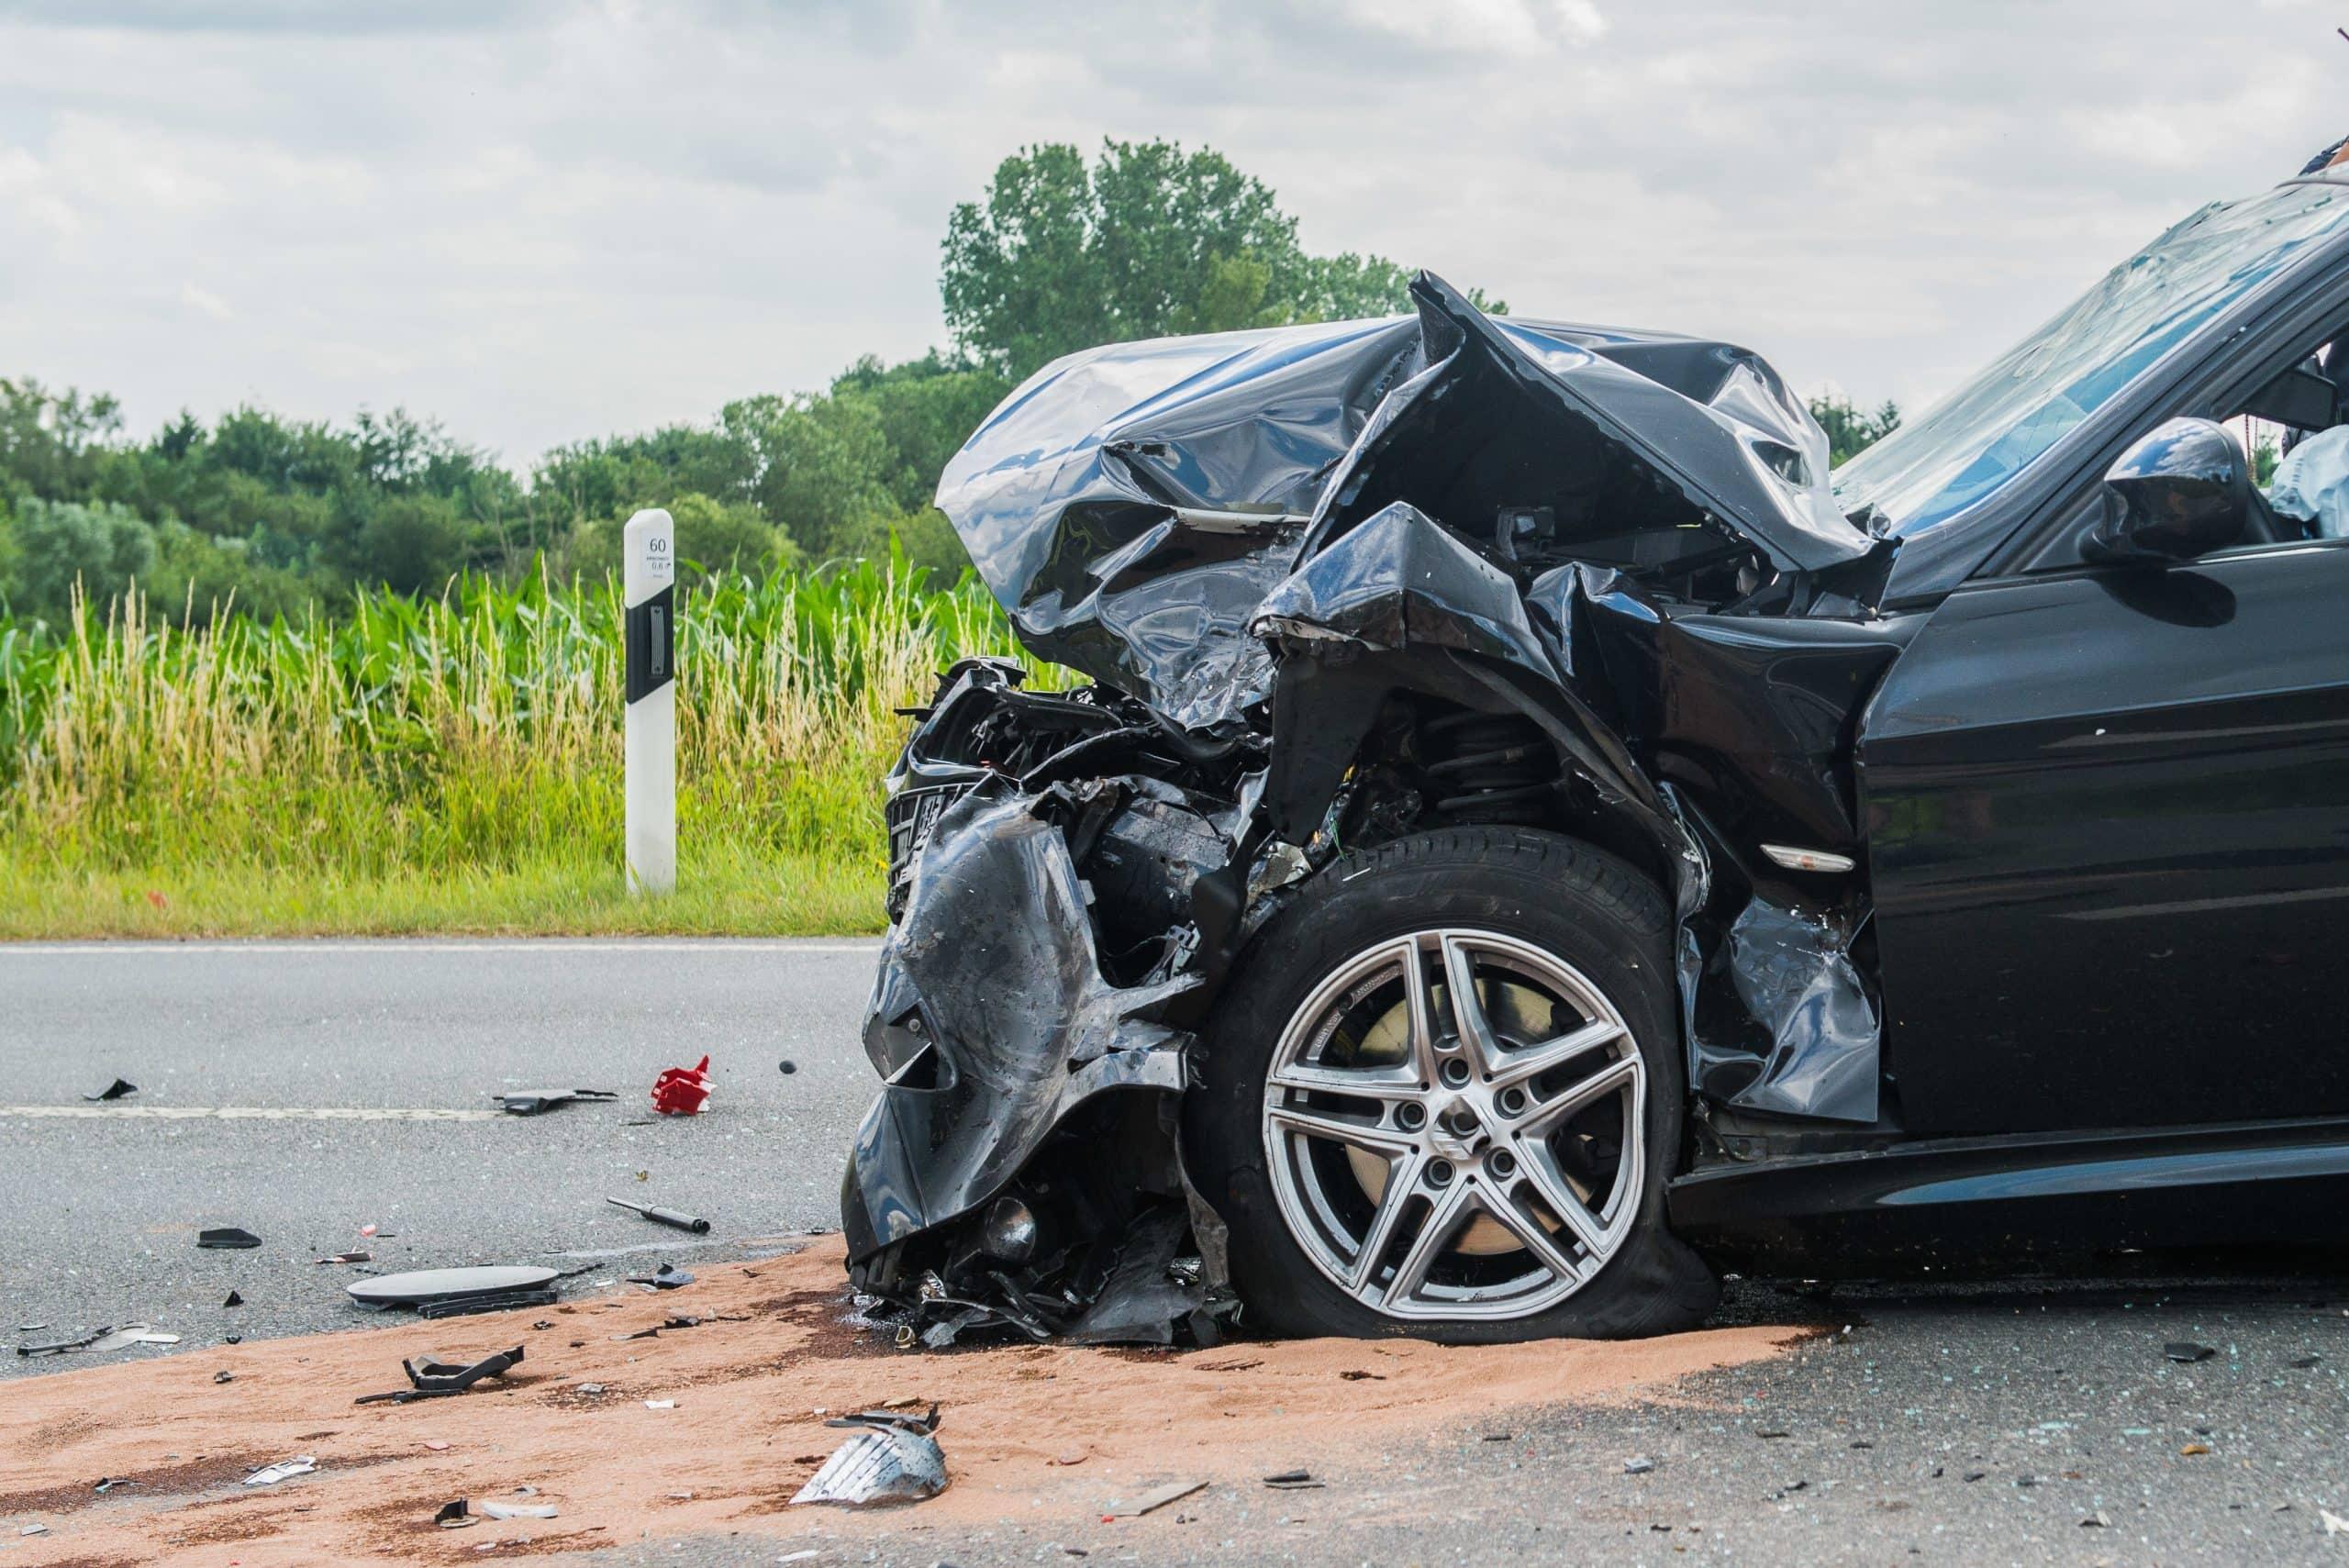 Mehr Unfälle, weniger Tote Polizei präsentiert Verkehrslagebild 2019 für Regierungsbezirk Oberpfalz